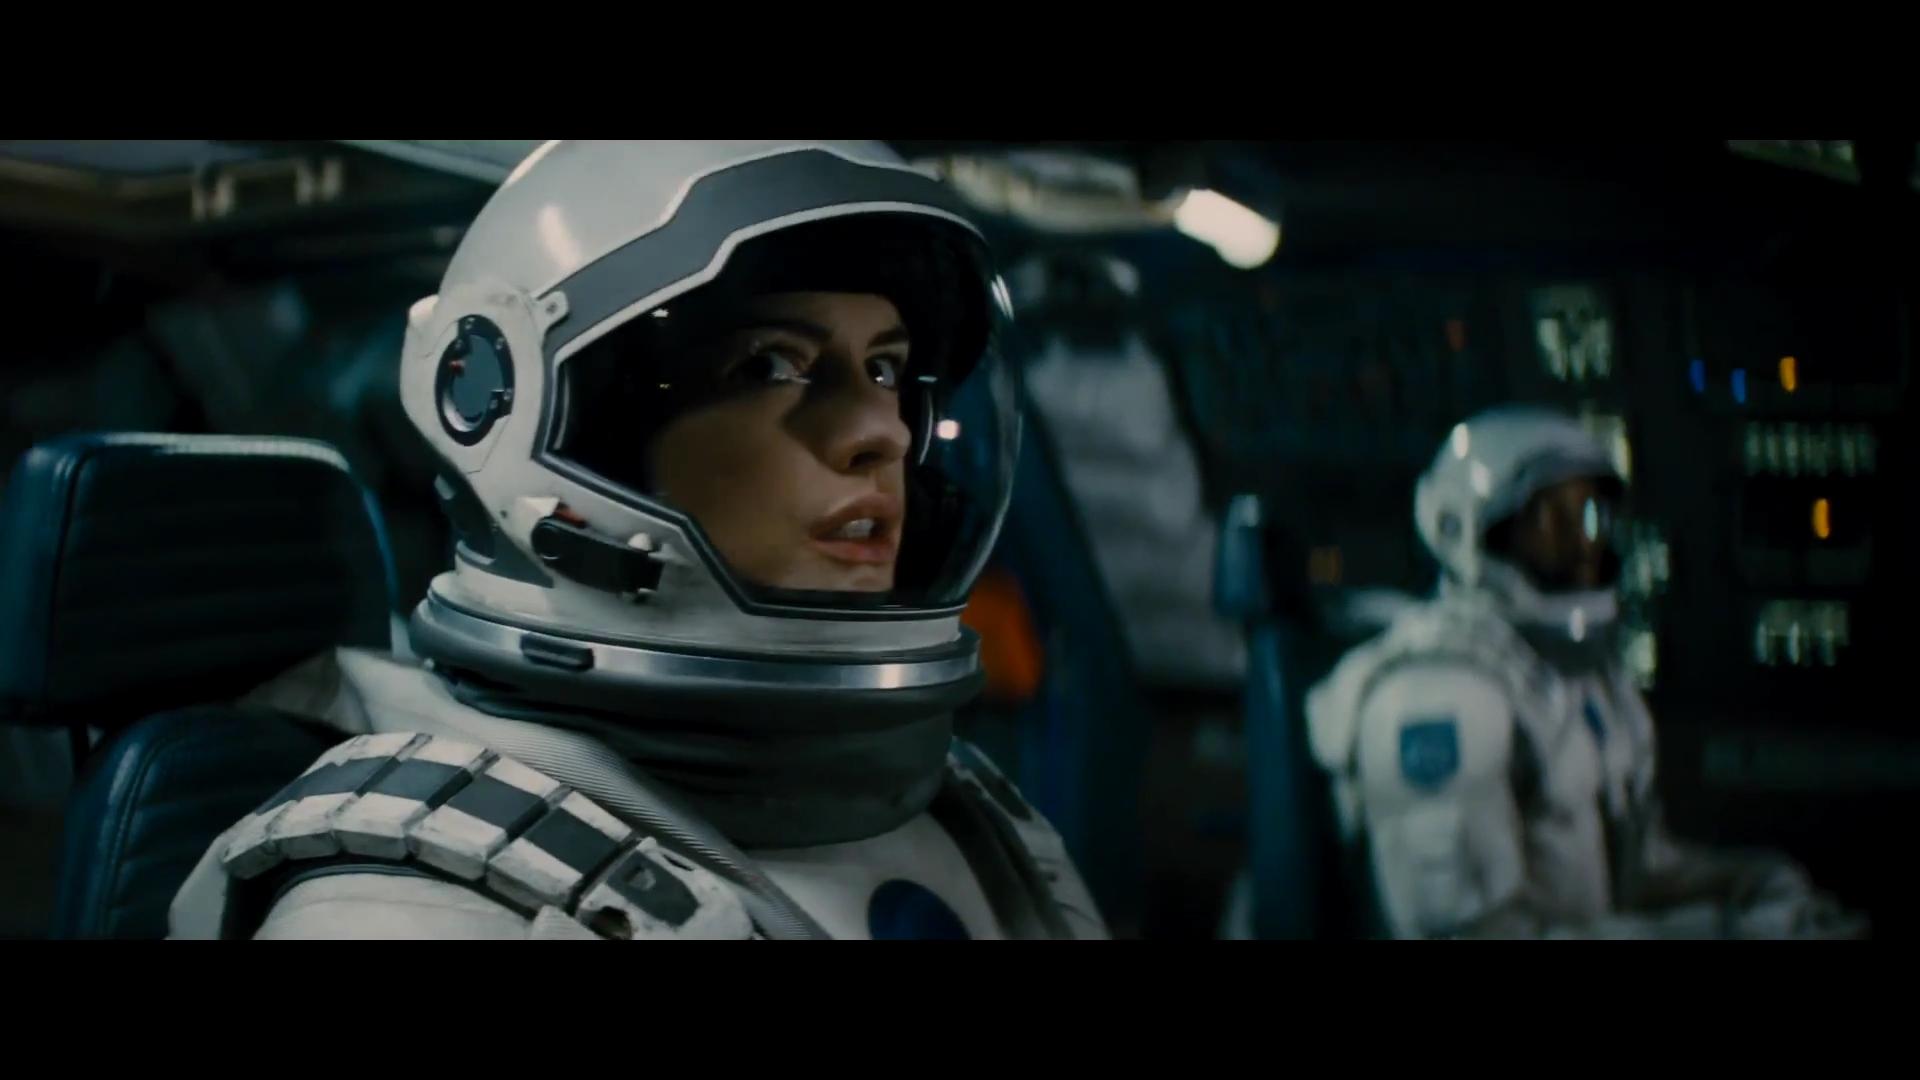 Interstellar – In the spacecraft